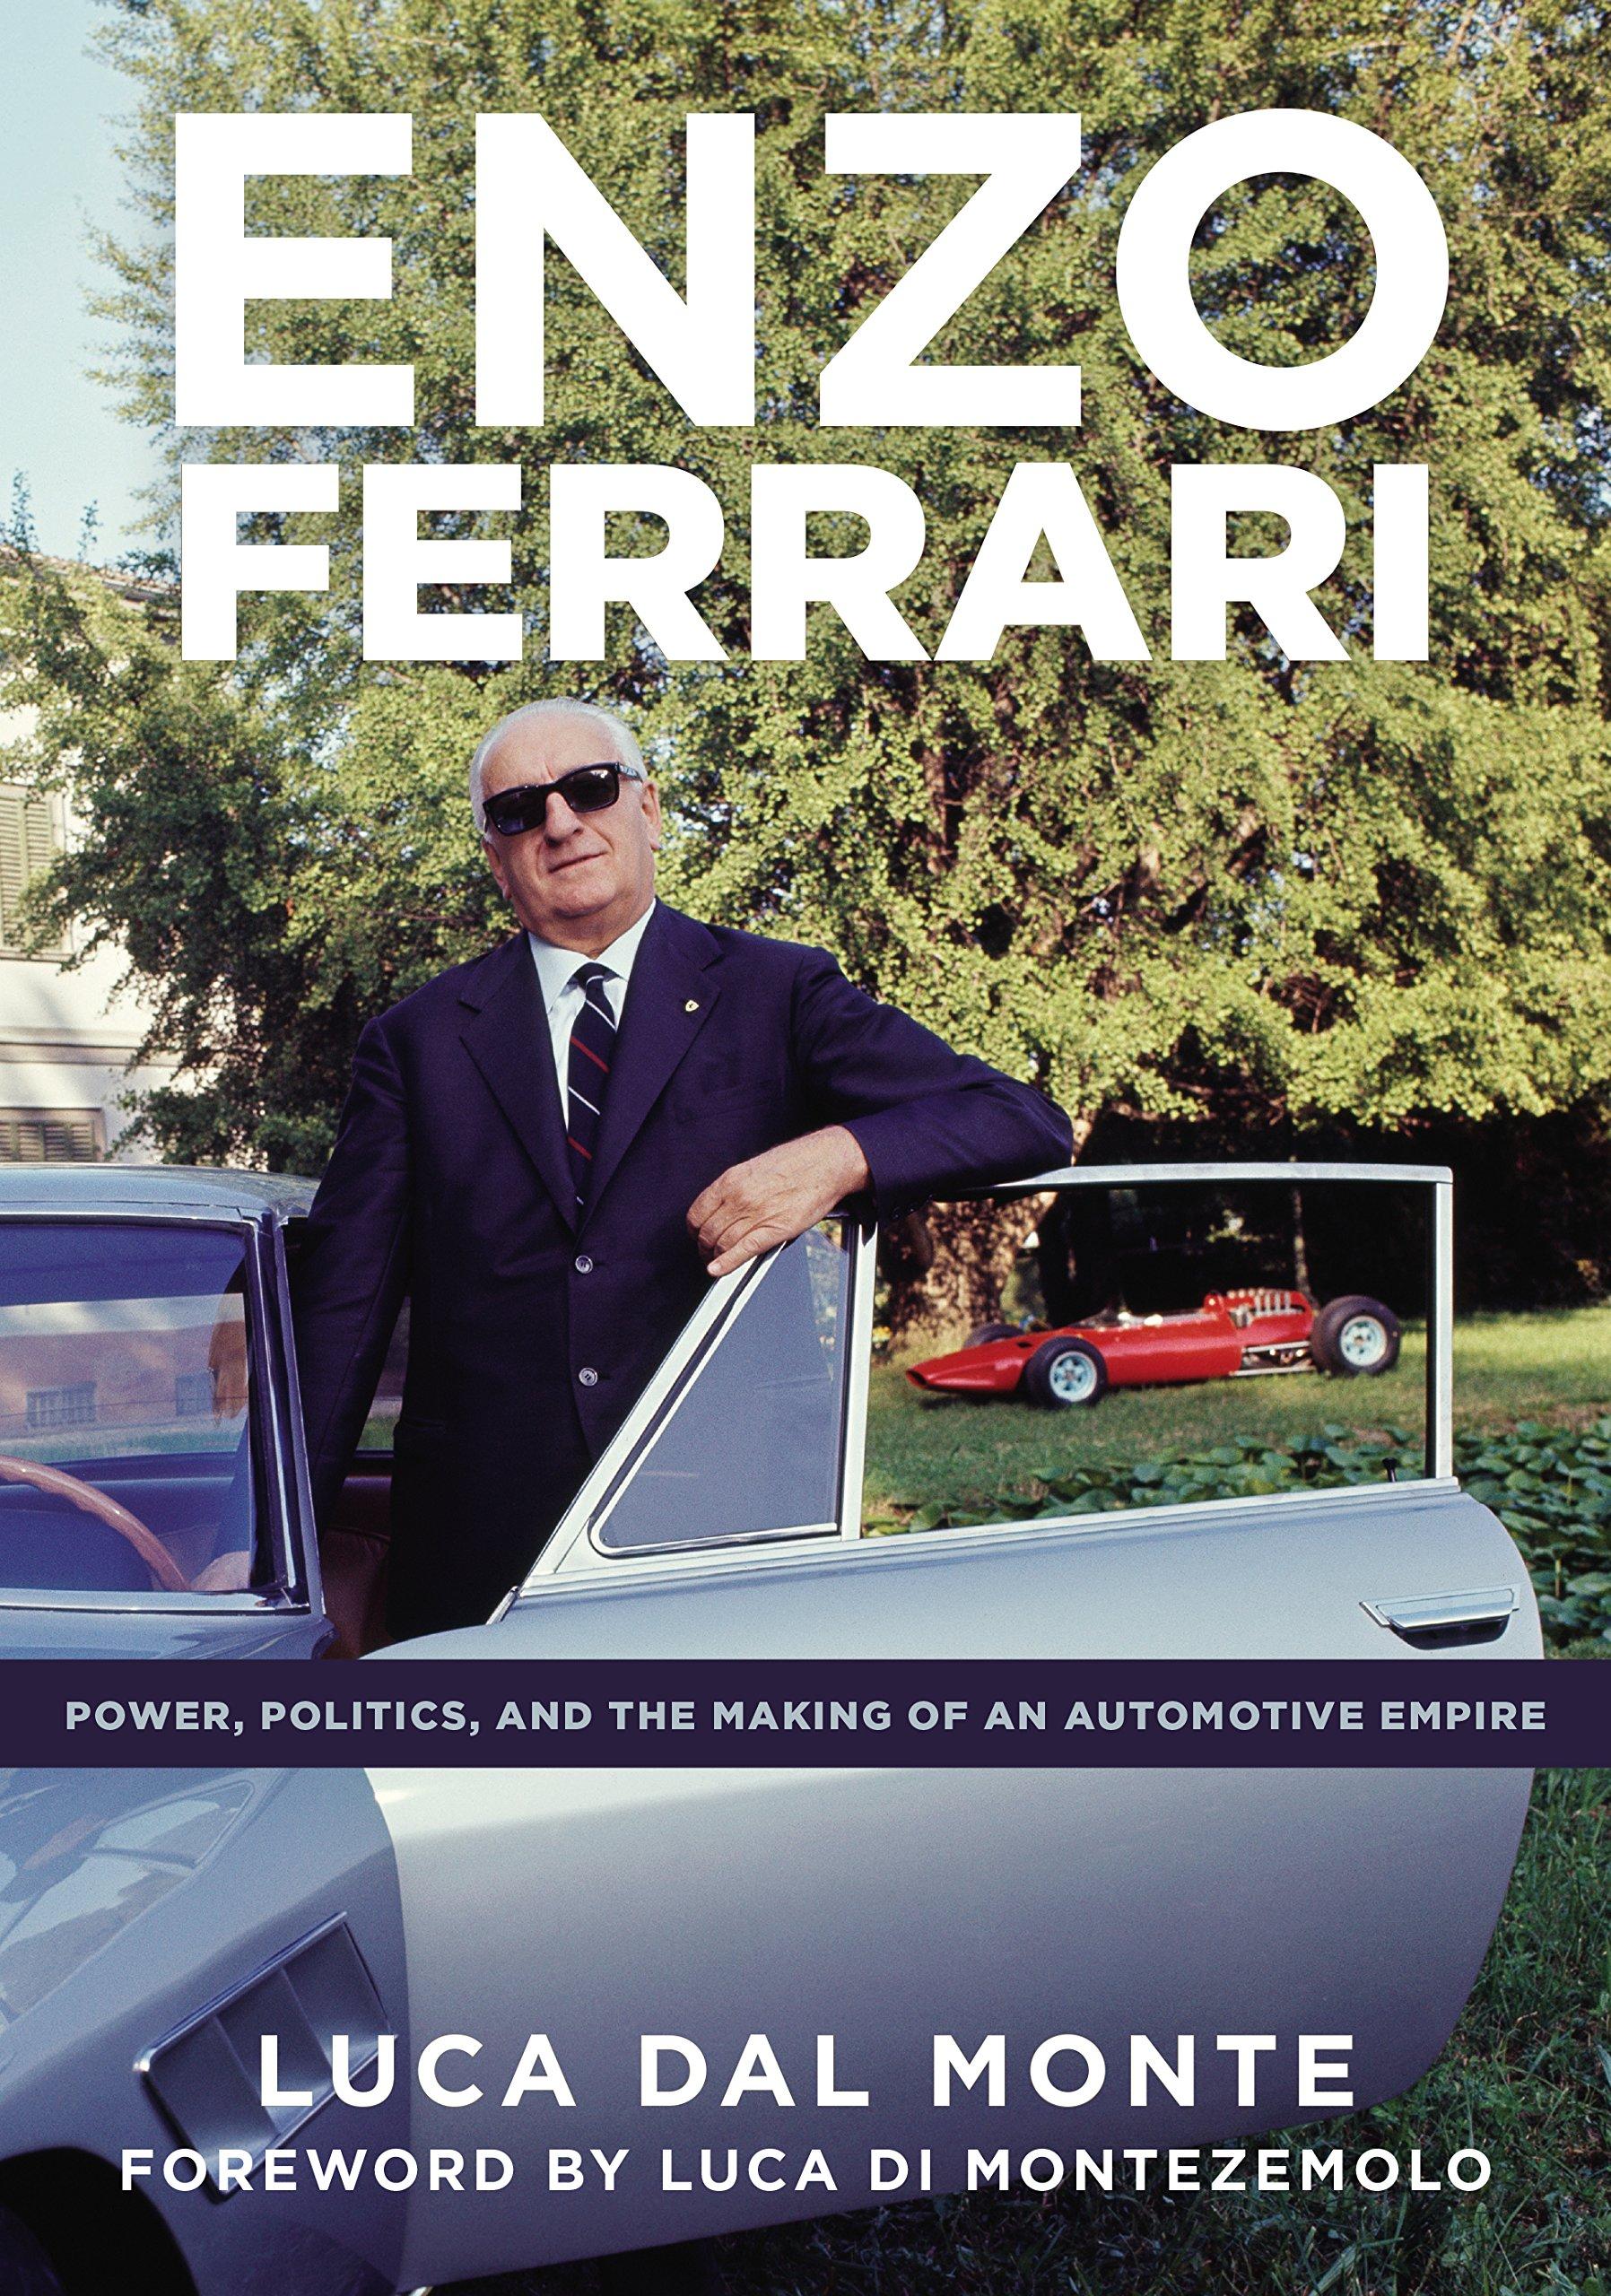 Dal Monte L Enzo Ferrari Enzo Ferrari Power Politics And The Making Of An Automobile Empire Amazon De Dal Monte Luca Di Montezemolo Luca Fremdsprachige Bücher